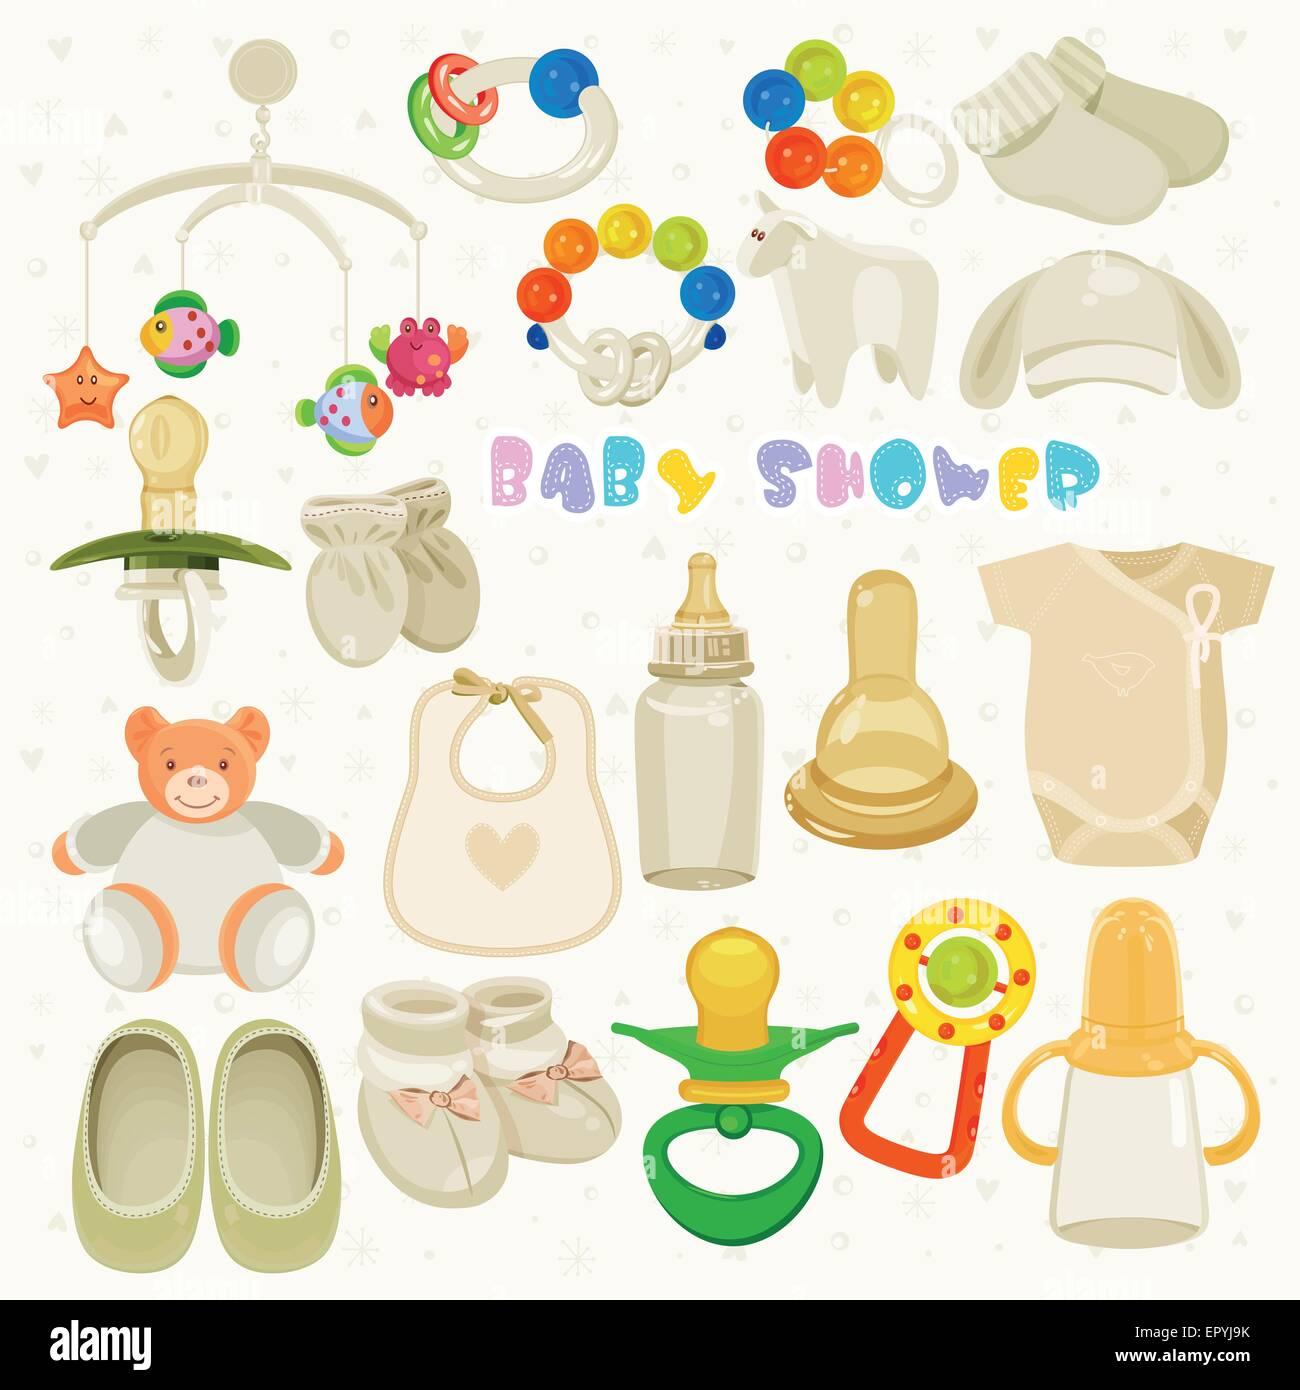 Erfreut Baby Dusche Unterzeichnung Rahmen Fotos - Benutzerdefinierte ...